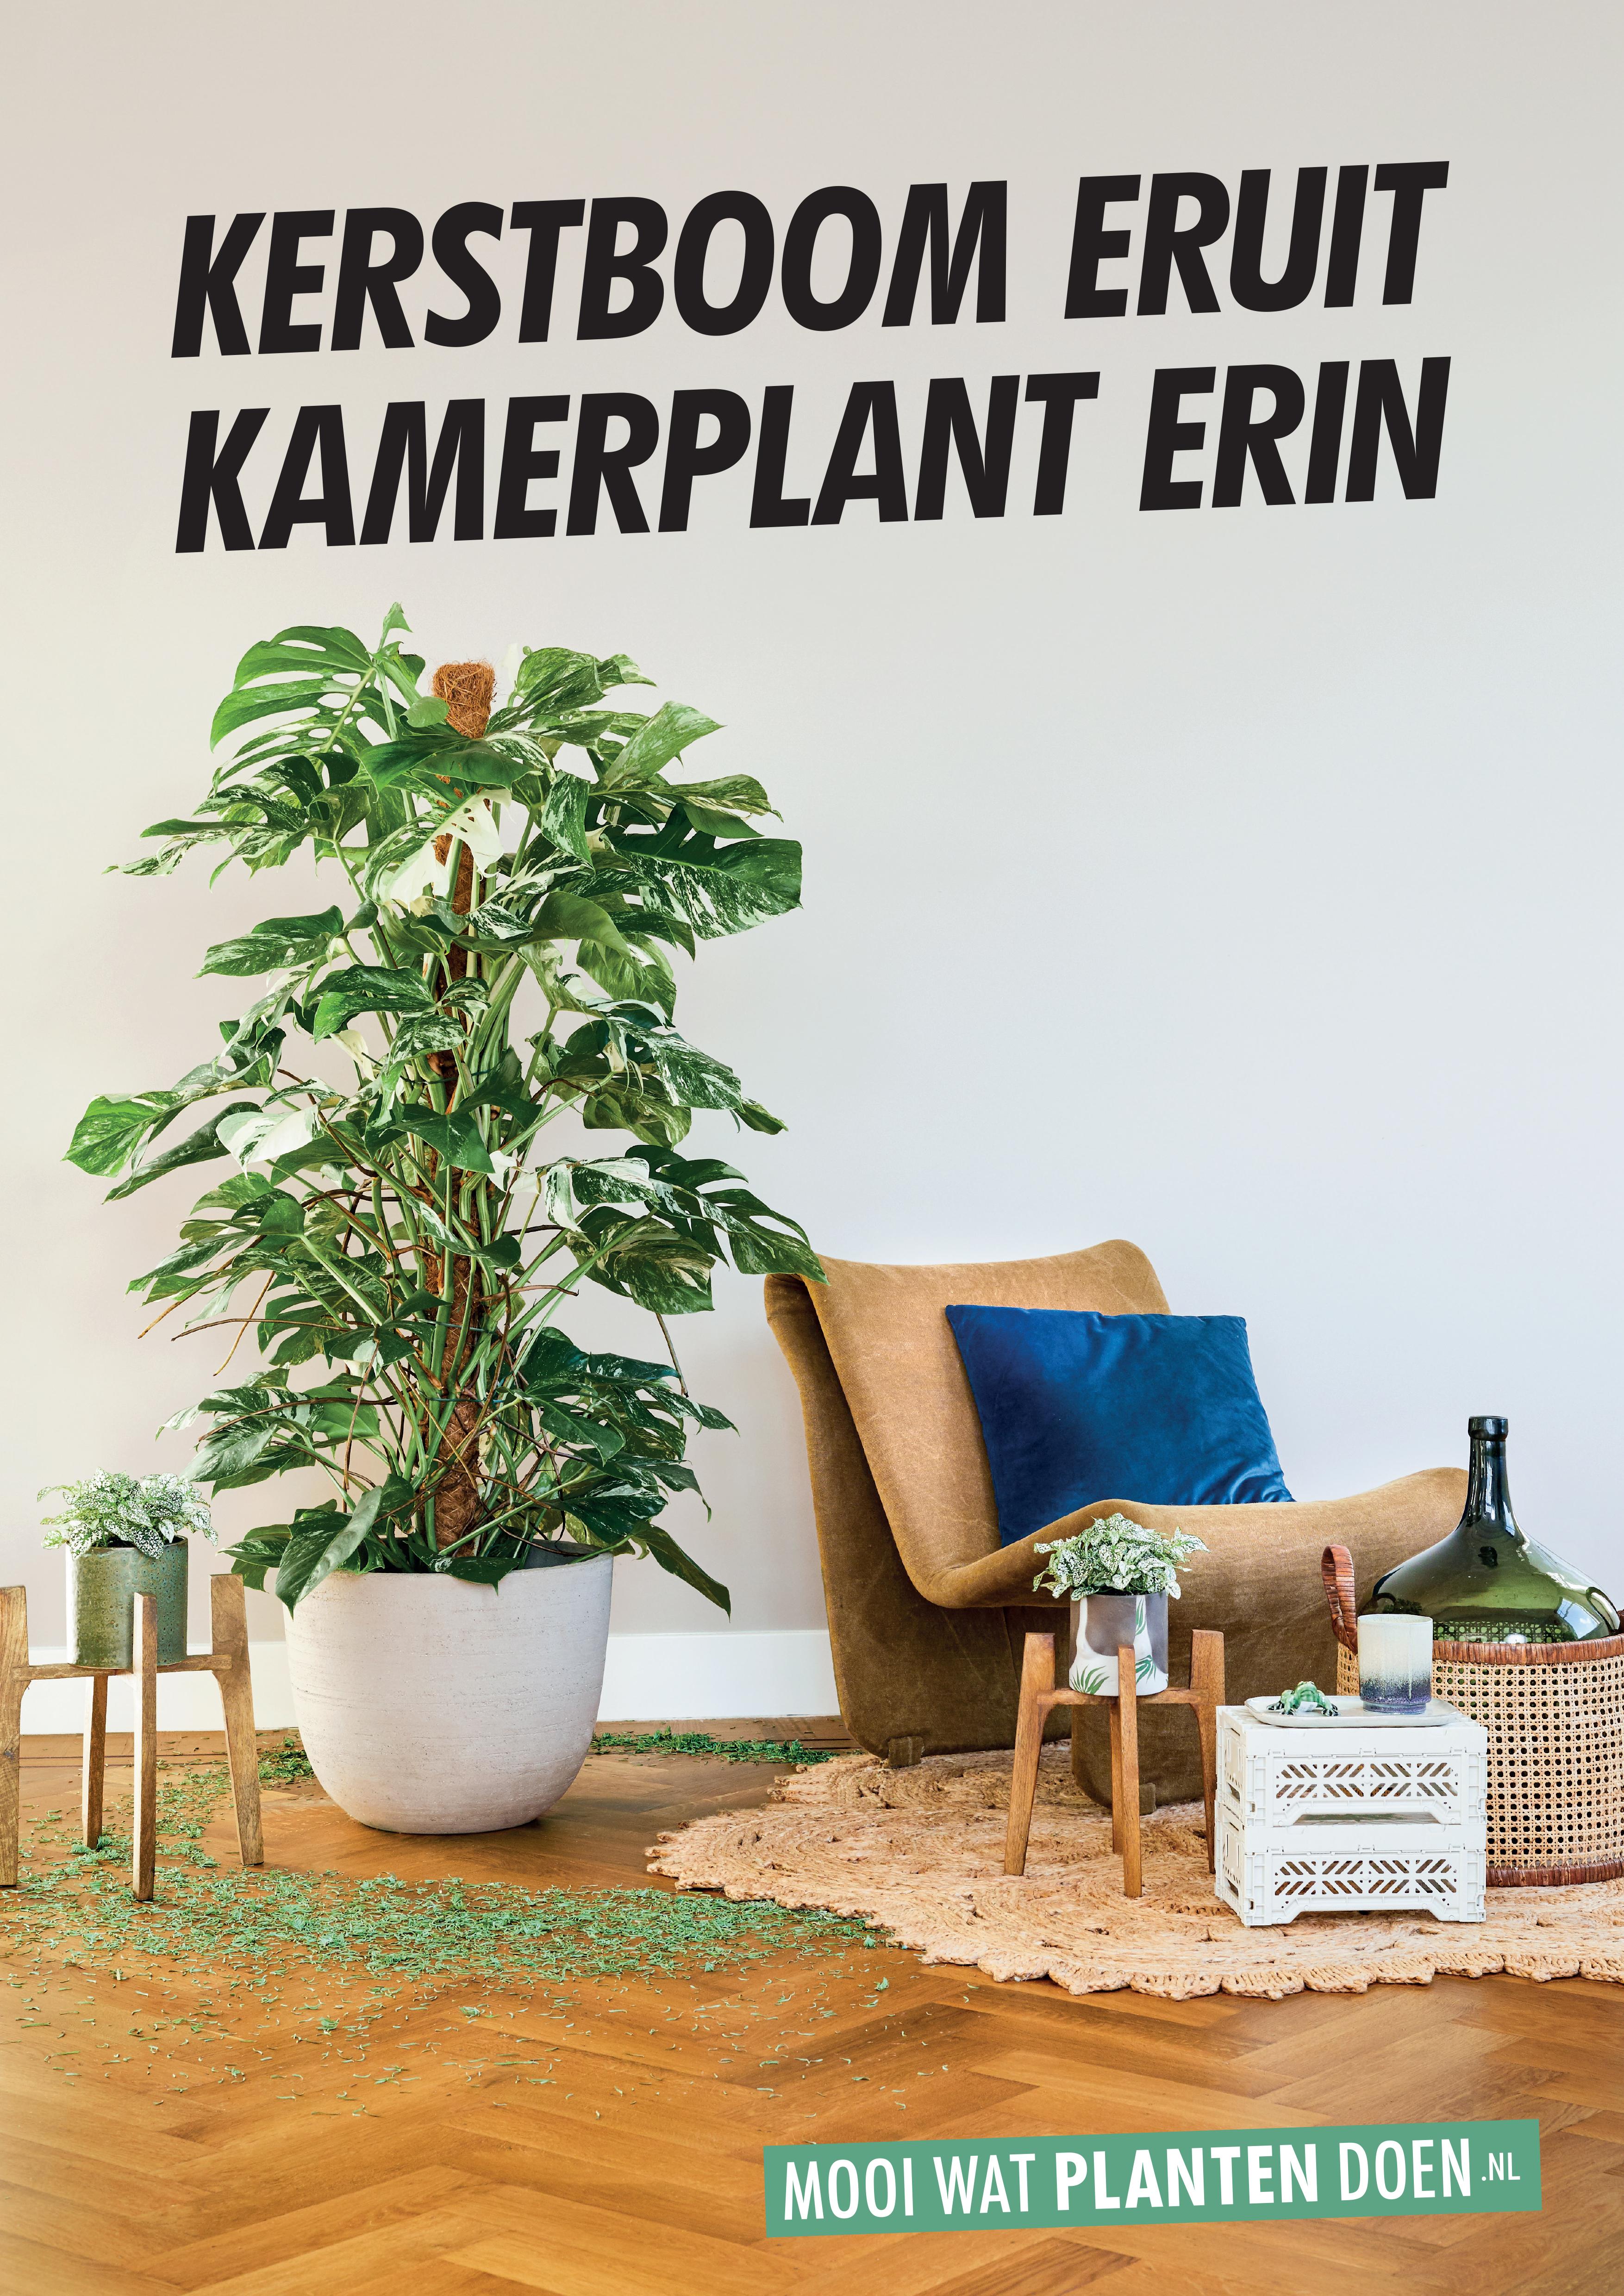 Kerstboom Eruit Kamerplant Erin Anno 2019 Bloemenbureau